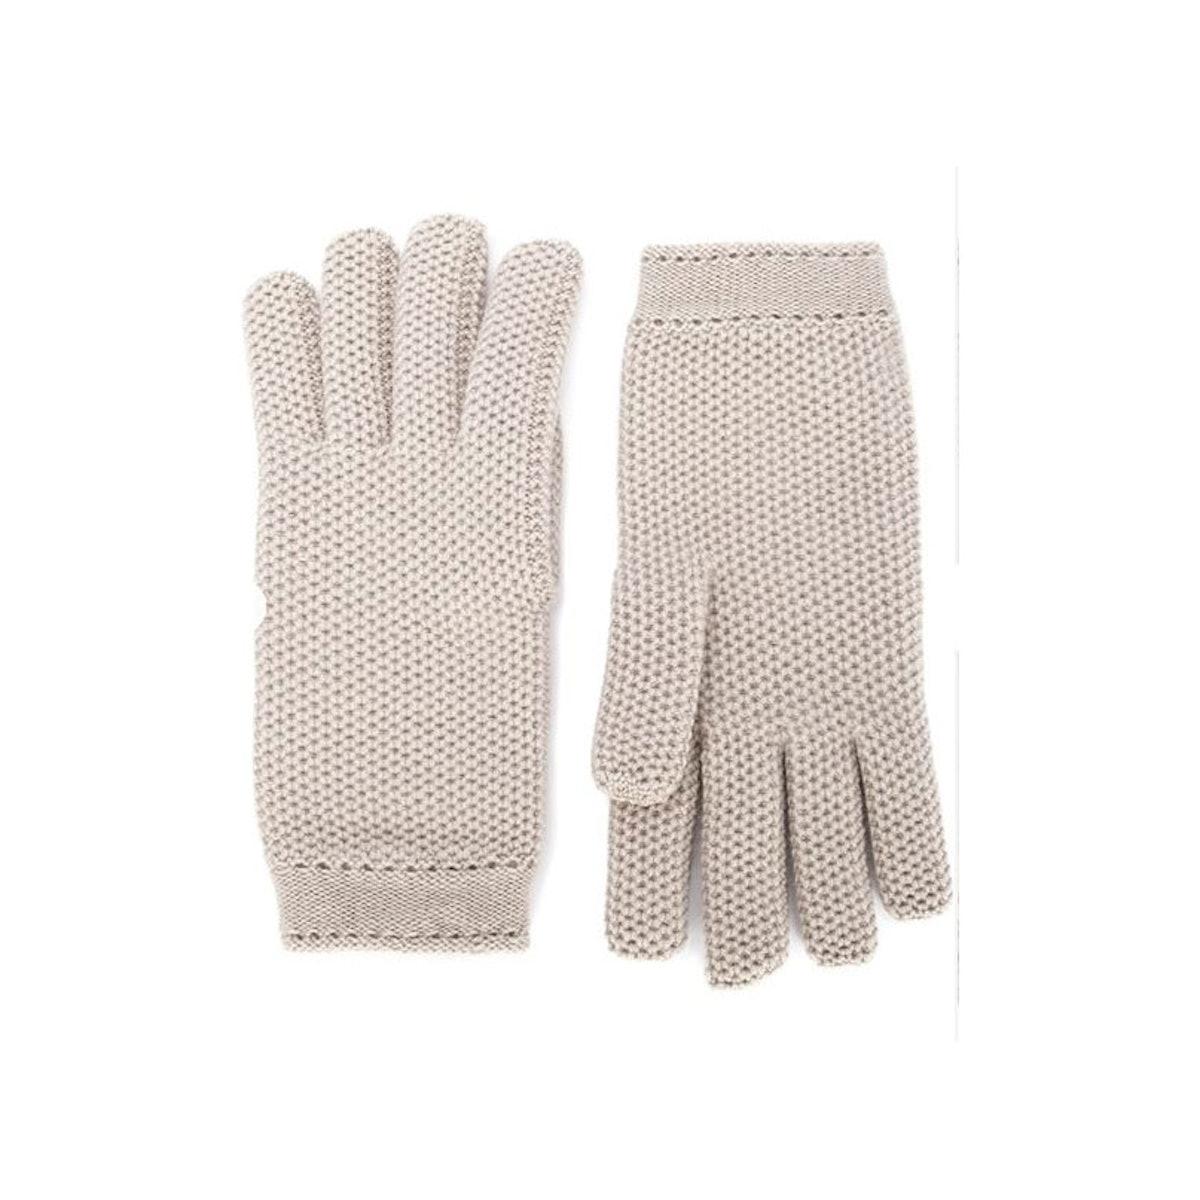 Loro Piana gloves